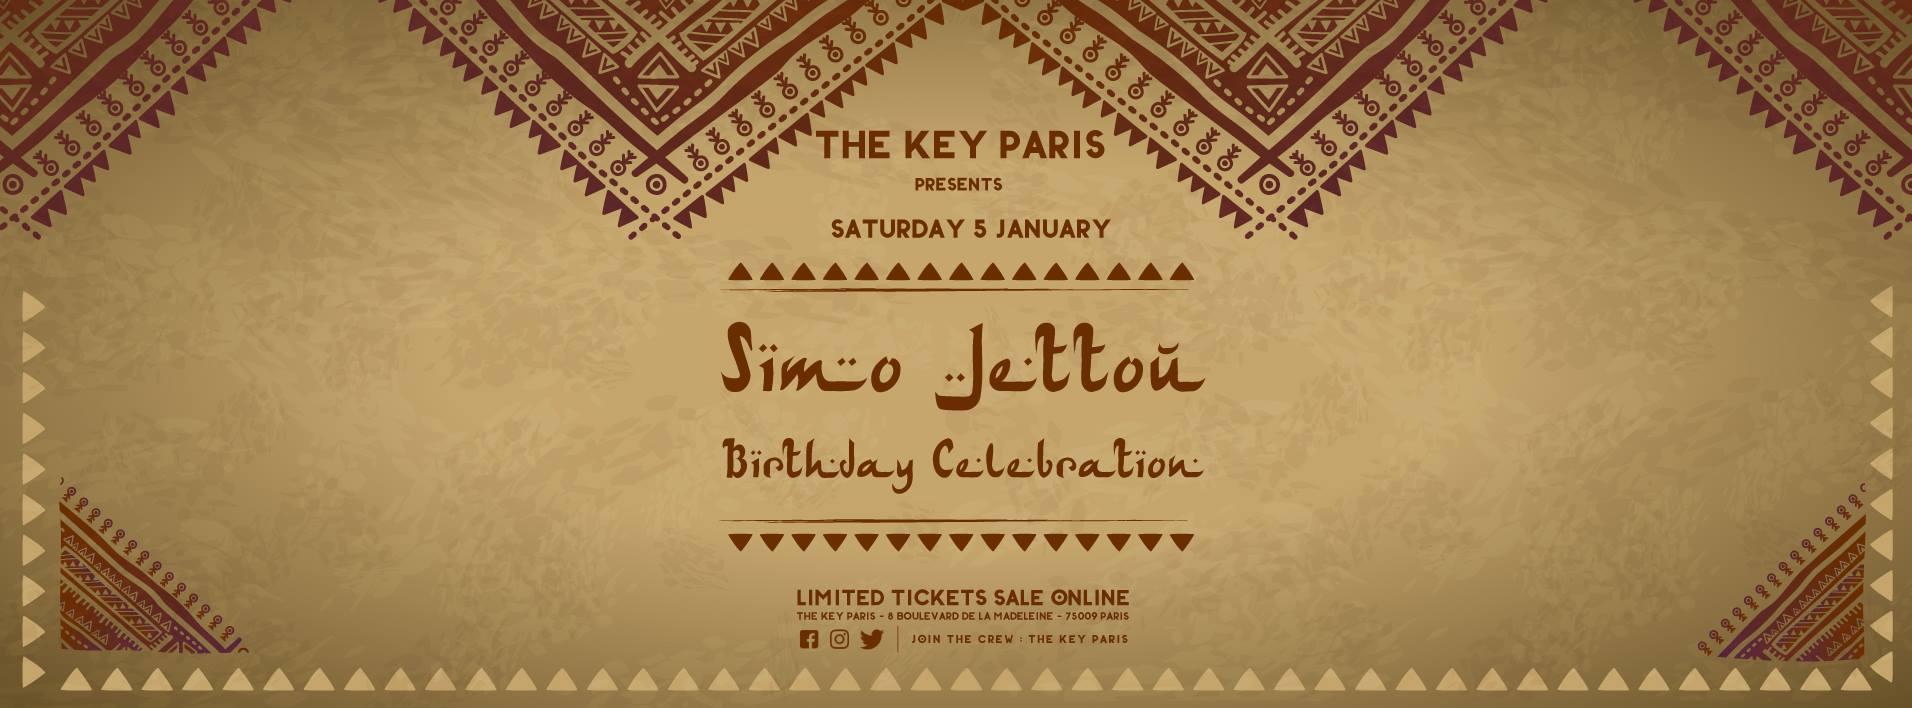 The Key Paris presents : Simo Jettou Birthday Celebration